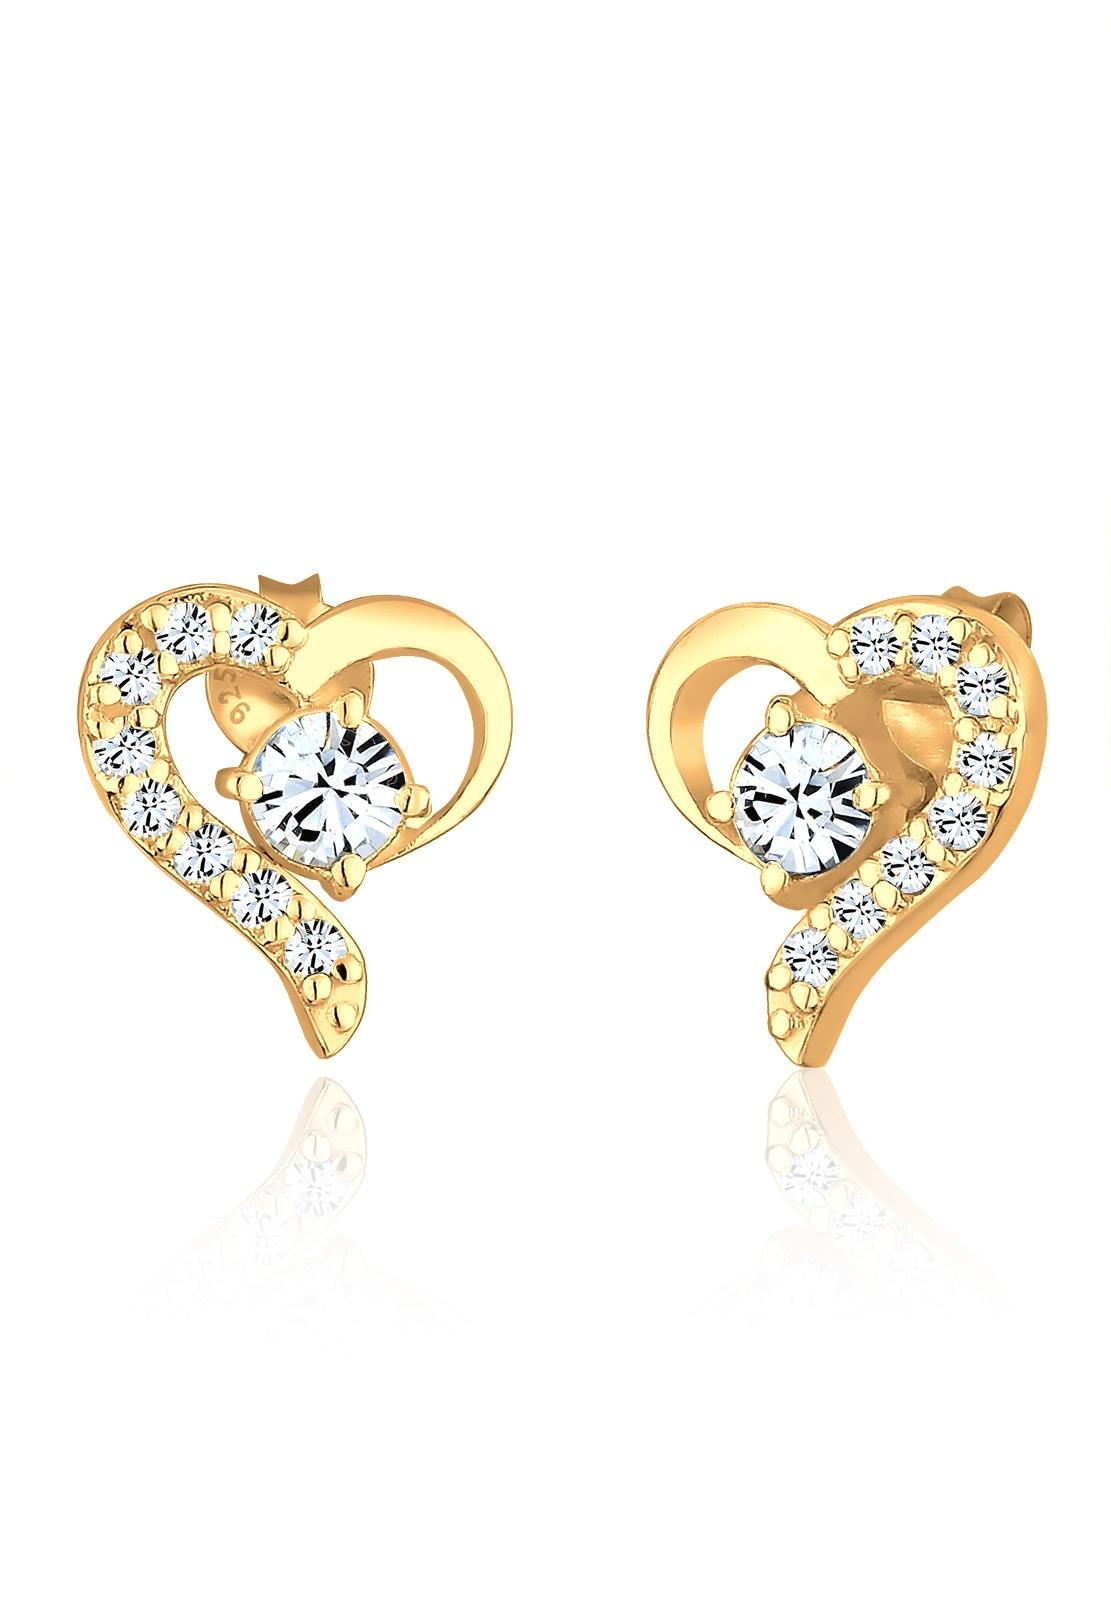 Elli Paar Ohrstecker Herz Swarovski Kristalle Silber vergoldet | Schmuck > Ohrschmuck & Ohrringe > Ohrstecker | Goldfarben | Elli